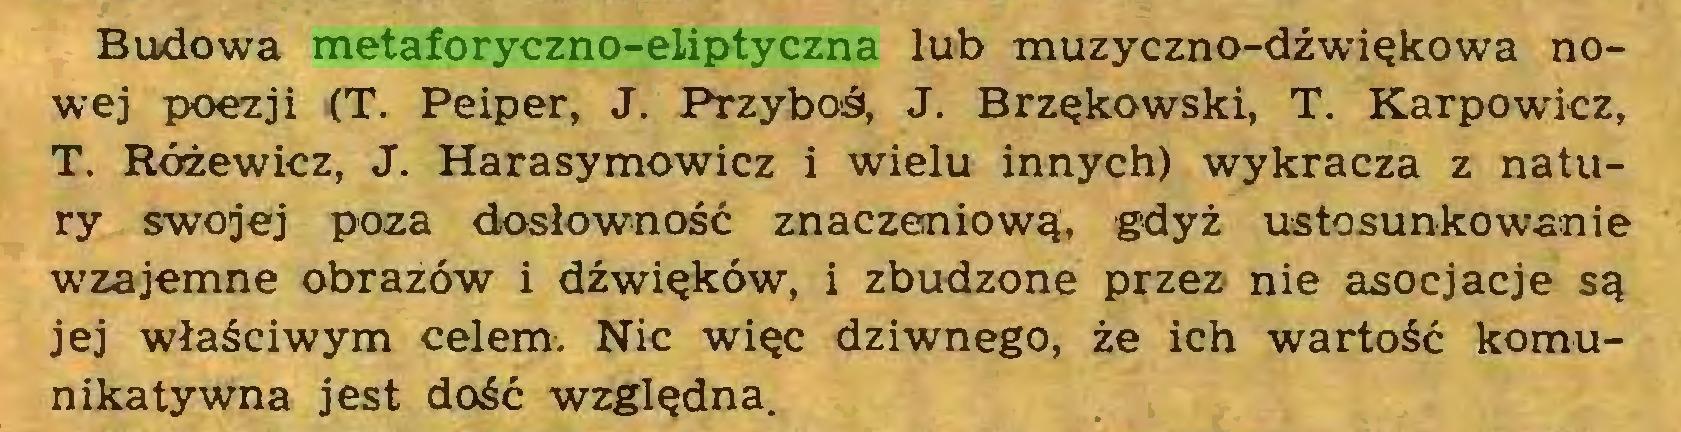 (...) Budowa metaforyczno-eliptyczna lub muzyczno-dźwiękowa nowej poezji (T. Peiper, J. Przyboś, J. Brzękowski, T. Karpowicz, T. Różewicz, J. Harasymowicz i wielu innych) wykracza z natury swojej poza dosłowność znaczeniową, gdyż ustosunkowanie wzajemne obrazów i dźwięków, i zbudzone przez nie asocjacje są jej właściwym celem. Nic więc dziwnego, że ich wartość komunikatywna jest dość względna...